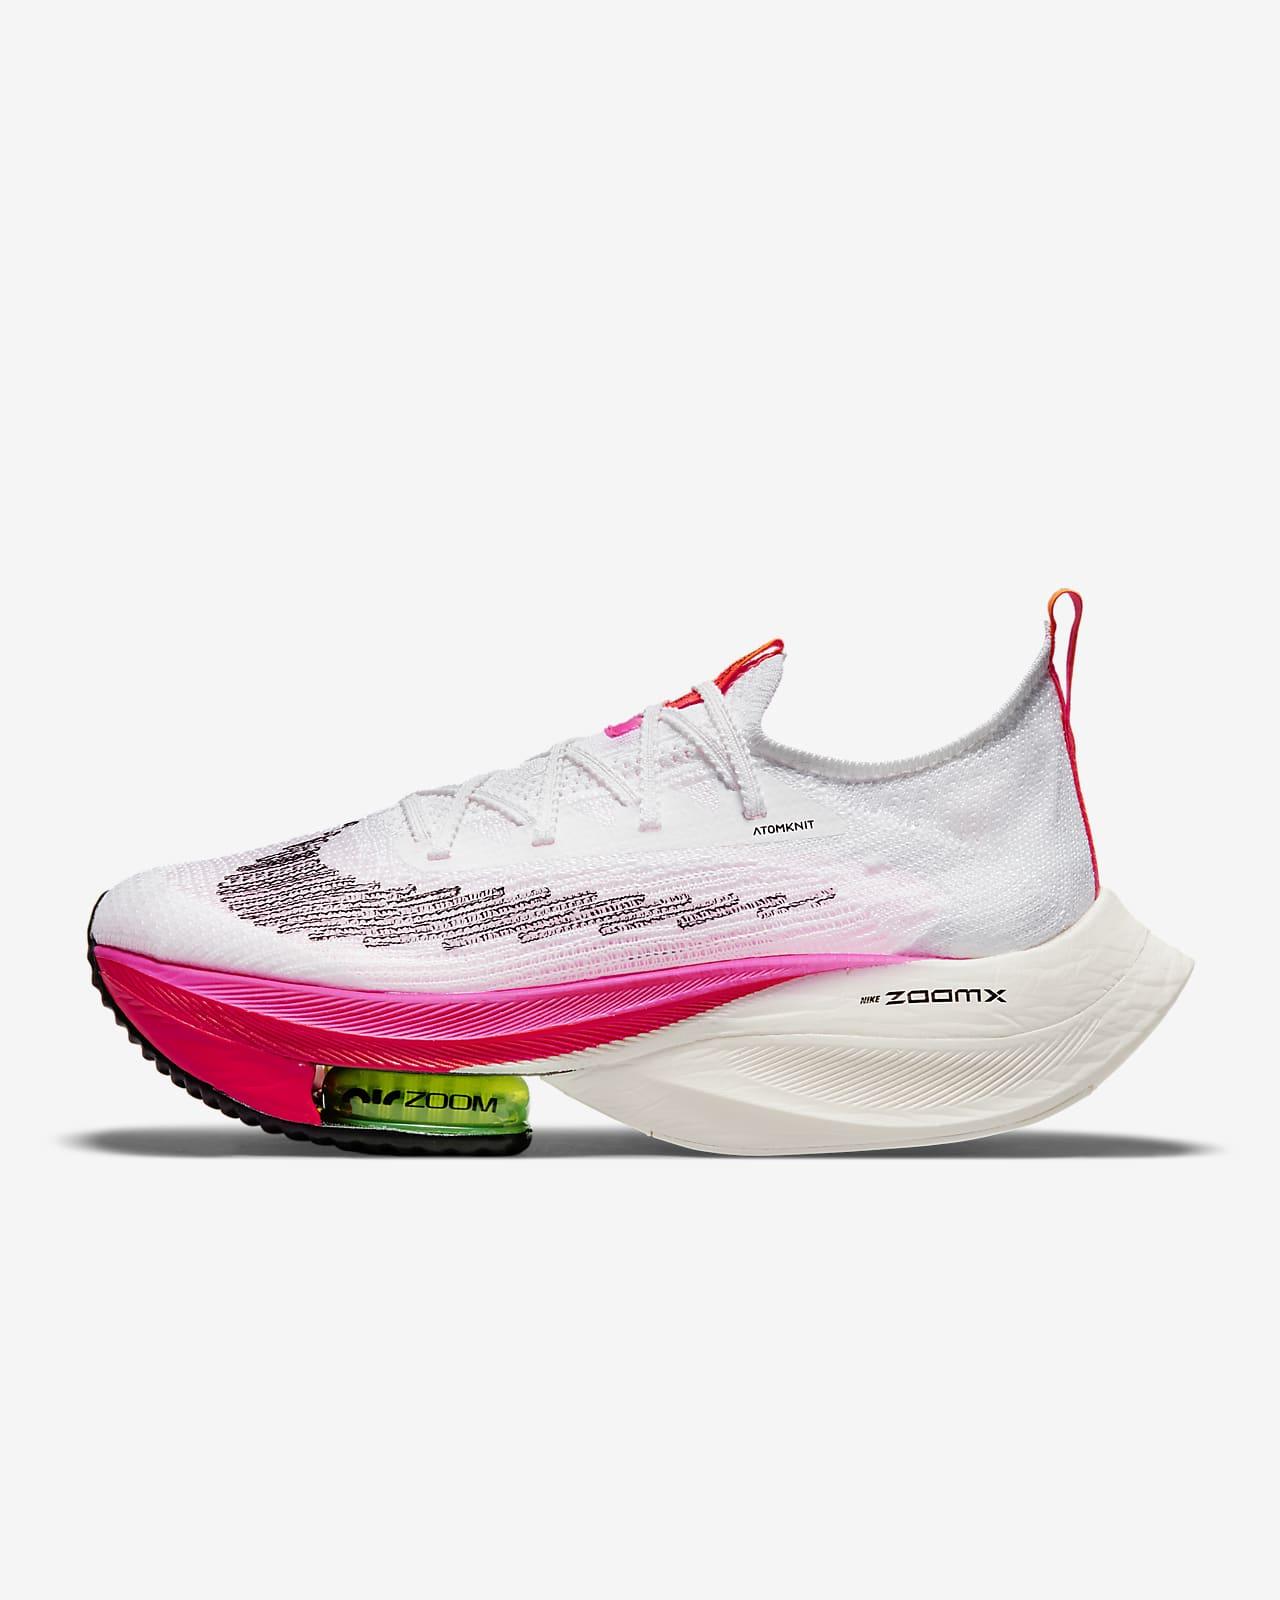 Nike Air Zoom Alphafly NEXT% Flyknit Damen-Straßenlaufschuh für Wettkämpfe